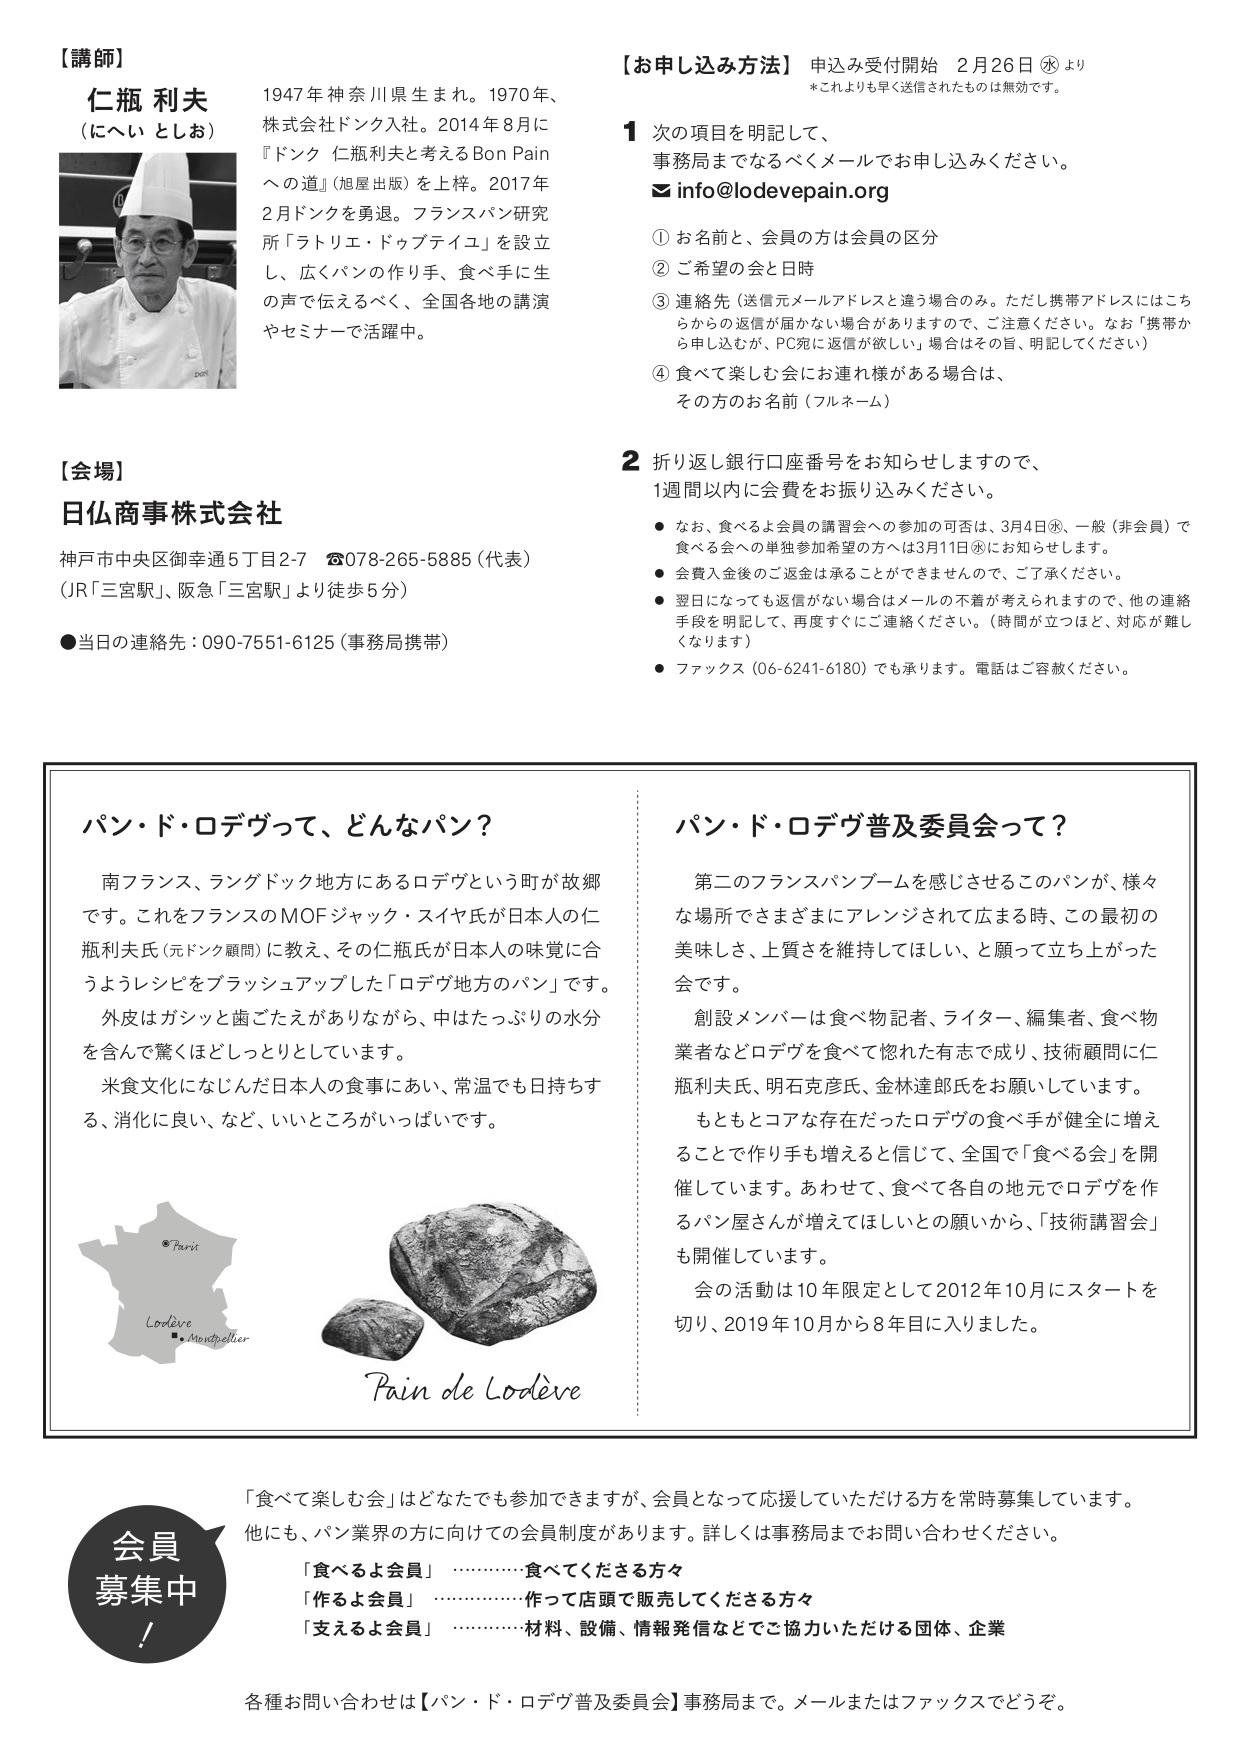 技術講習会と食べて楽しむ会in神戸_f0246836_21354428.jpg